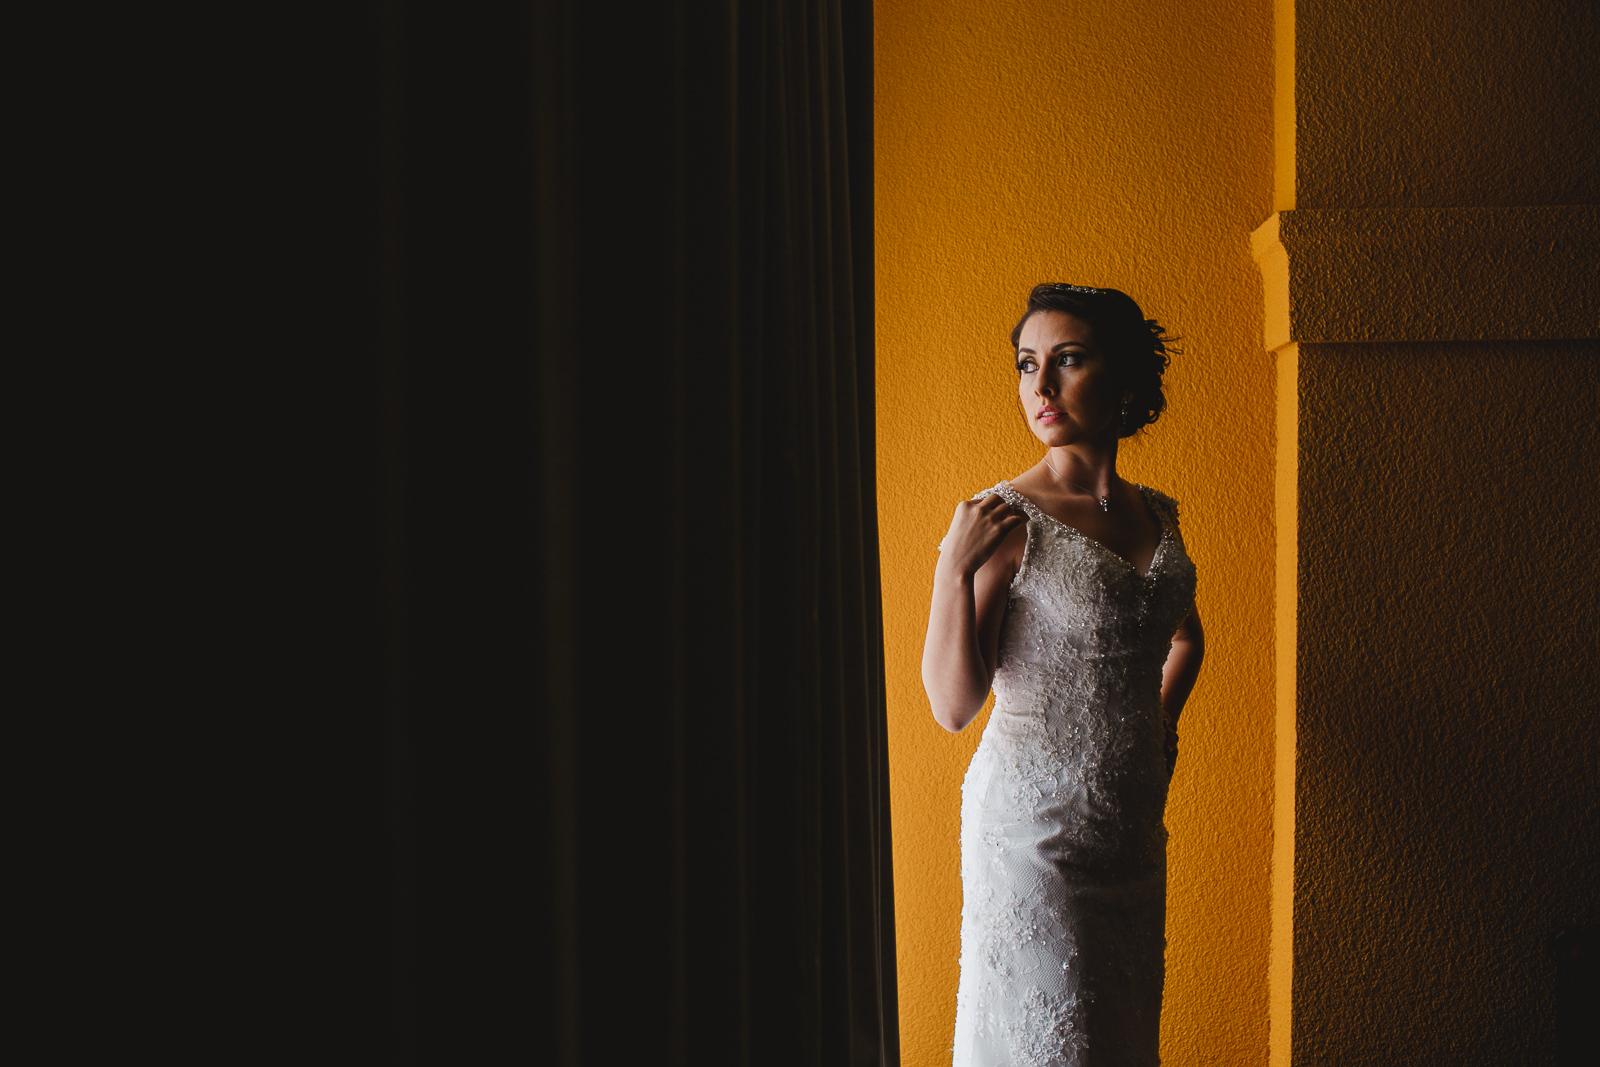 fotografo-de-bodas-san-miguel-de-allende-013